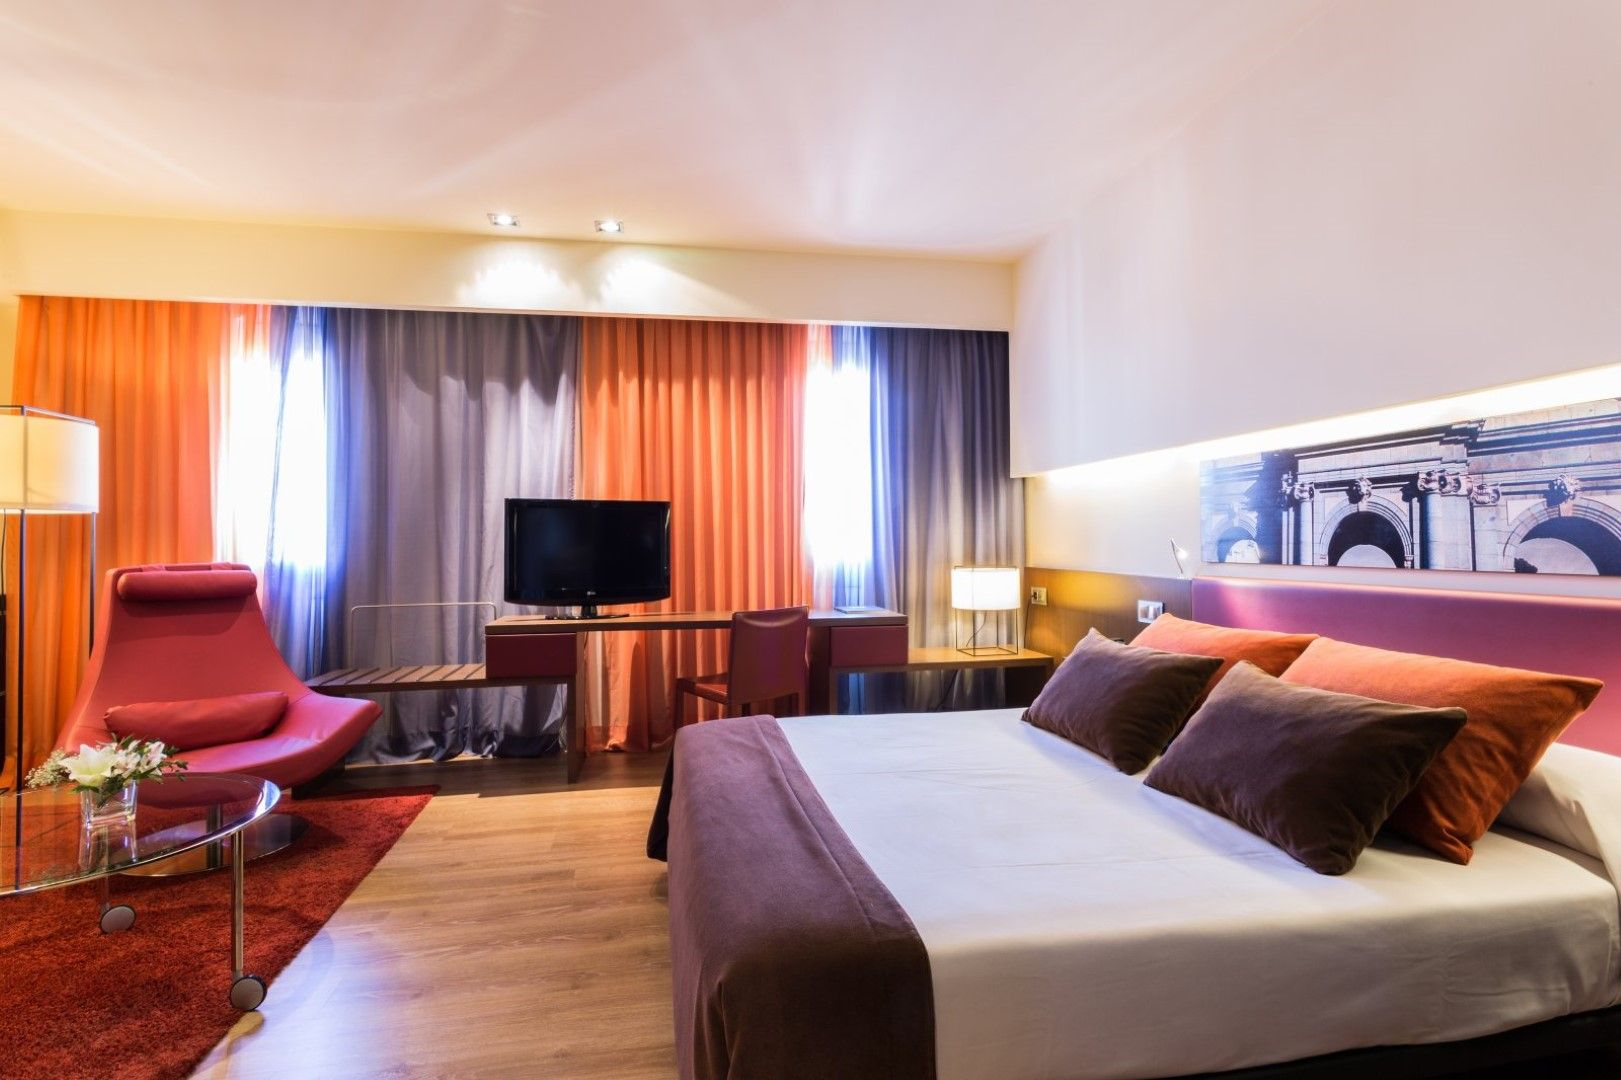 Descubre los mejores hoteles de lujo baratos de espa a for Lujo barato